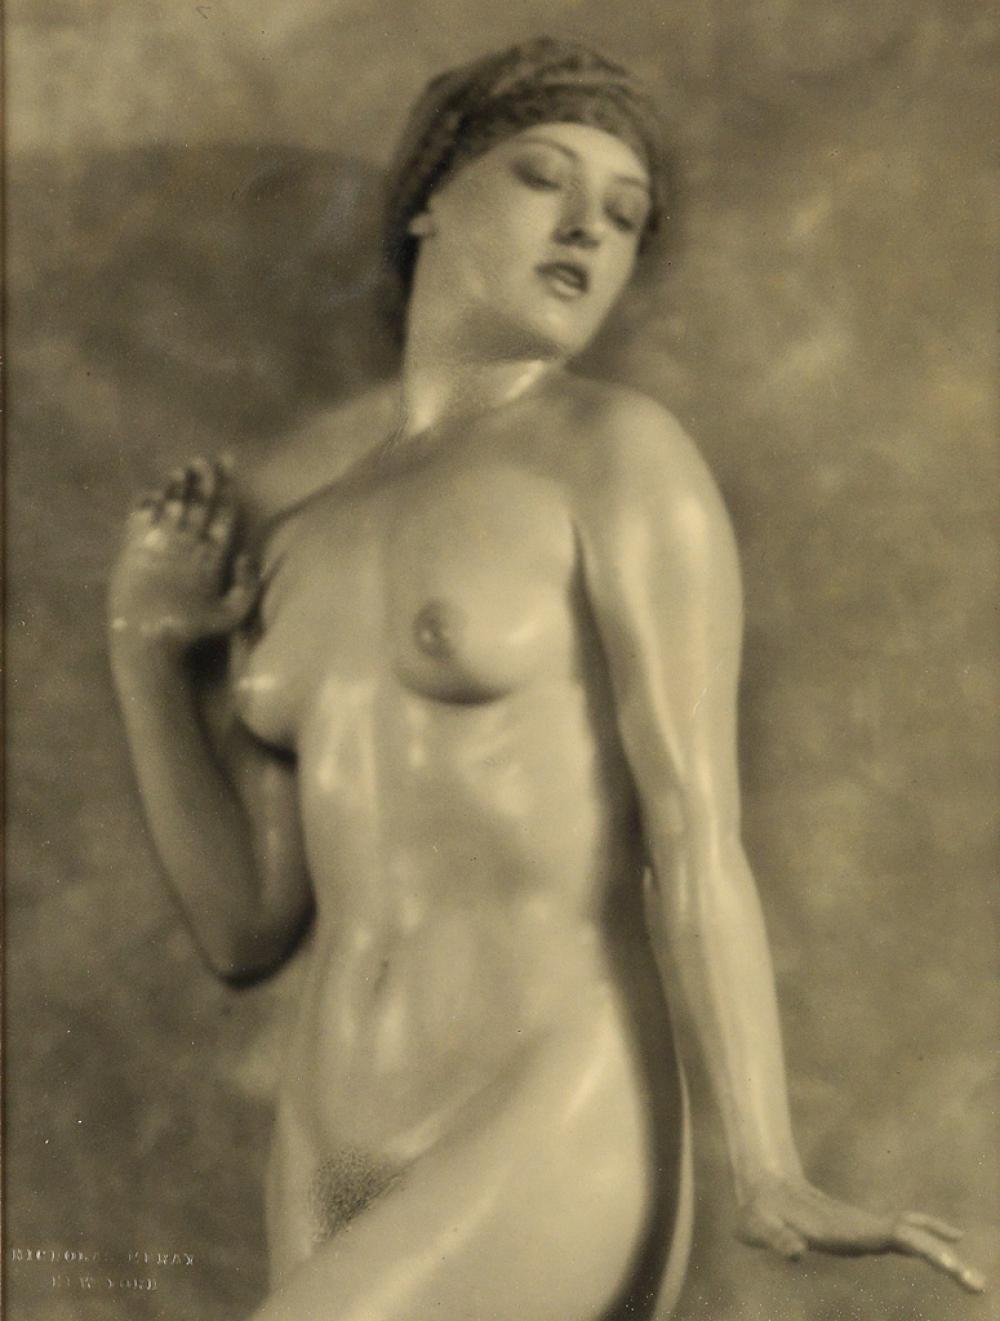 Naked naughty girl sex